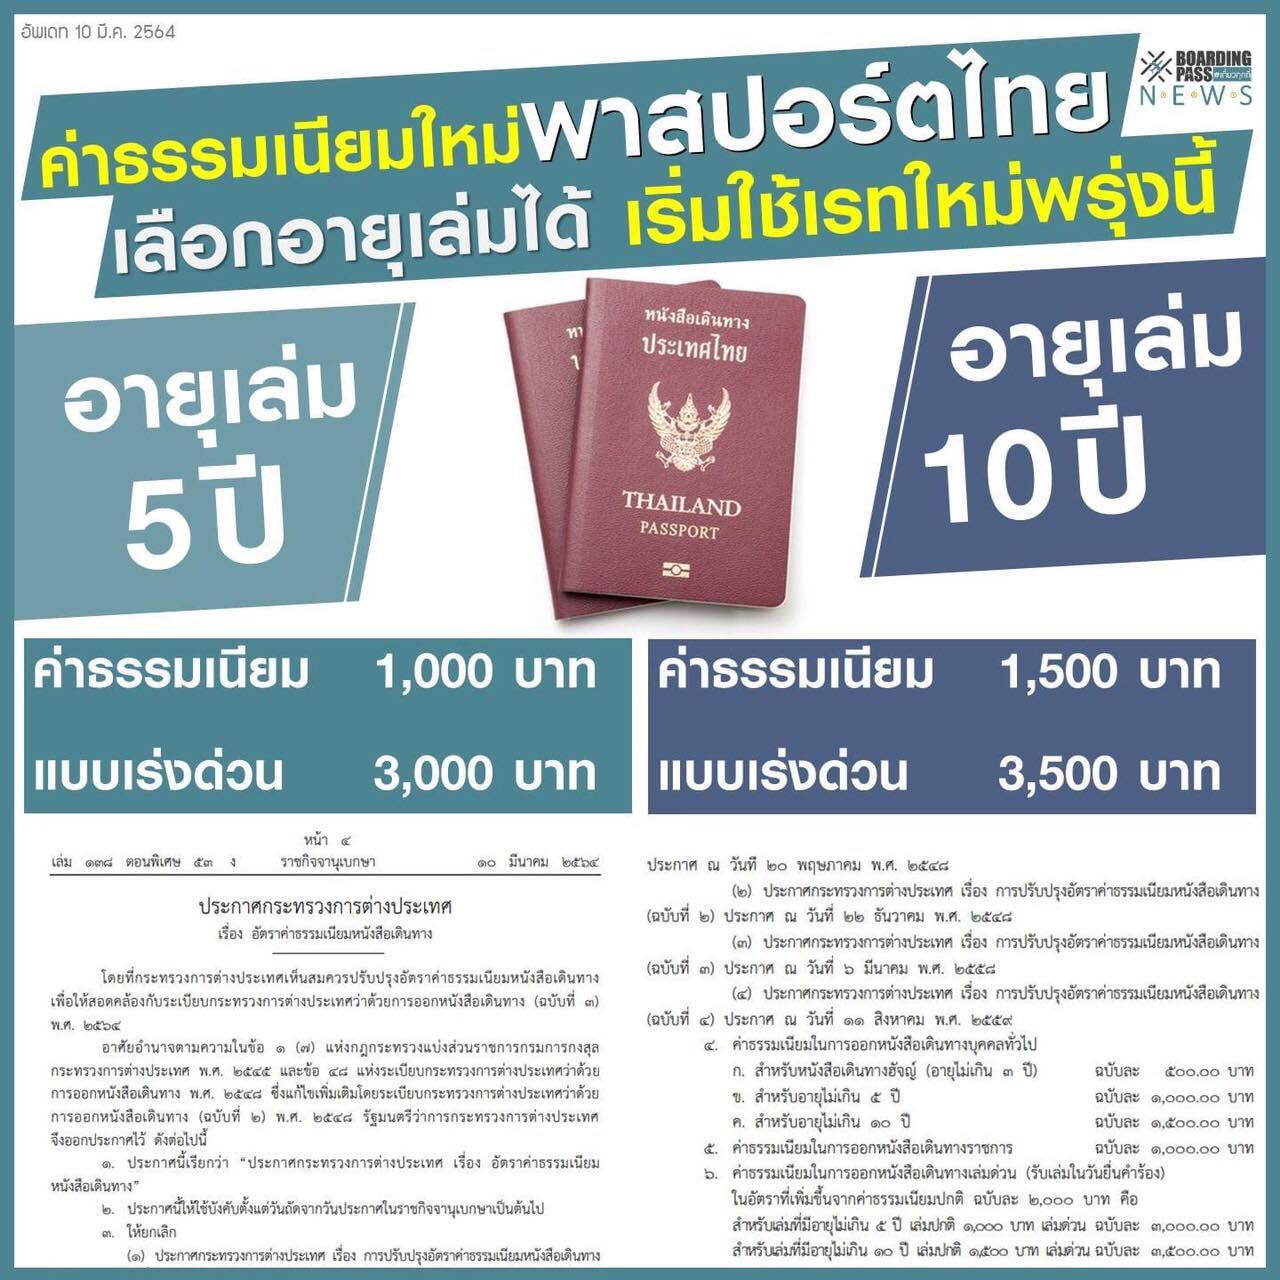 passport 10 ปี